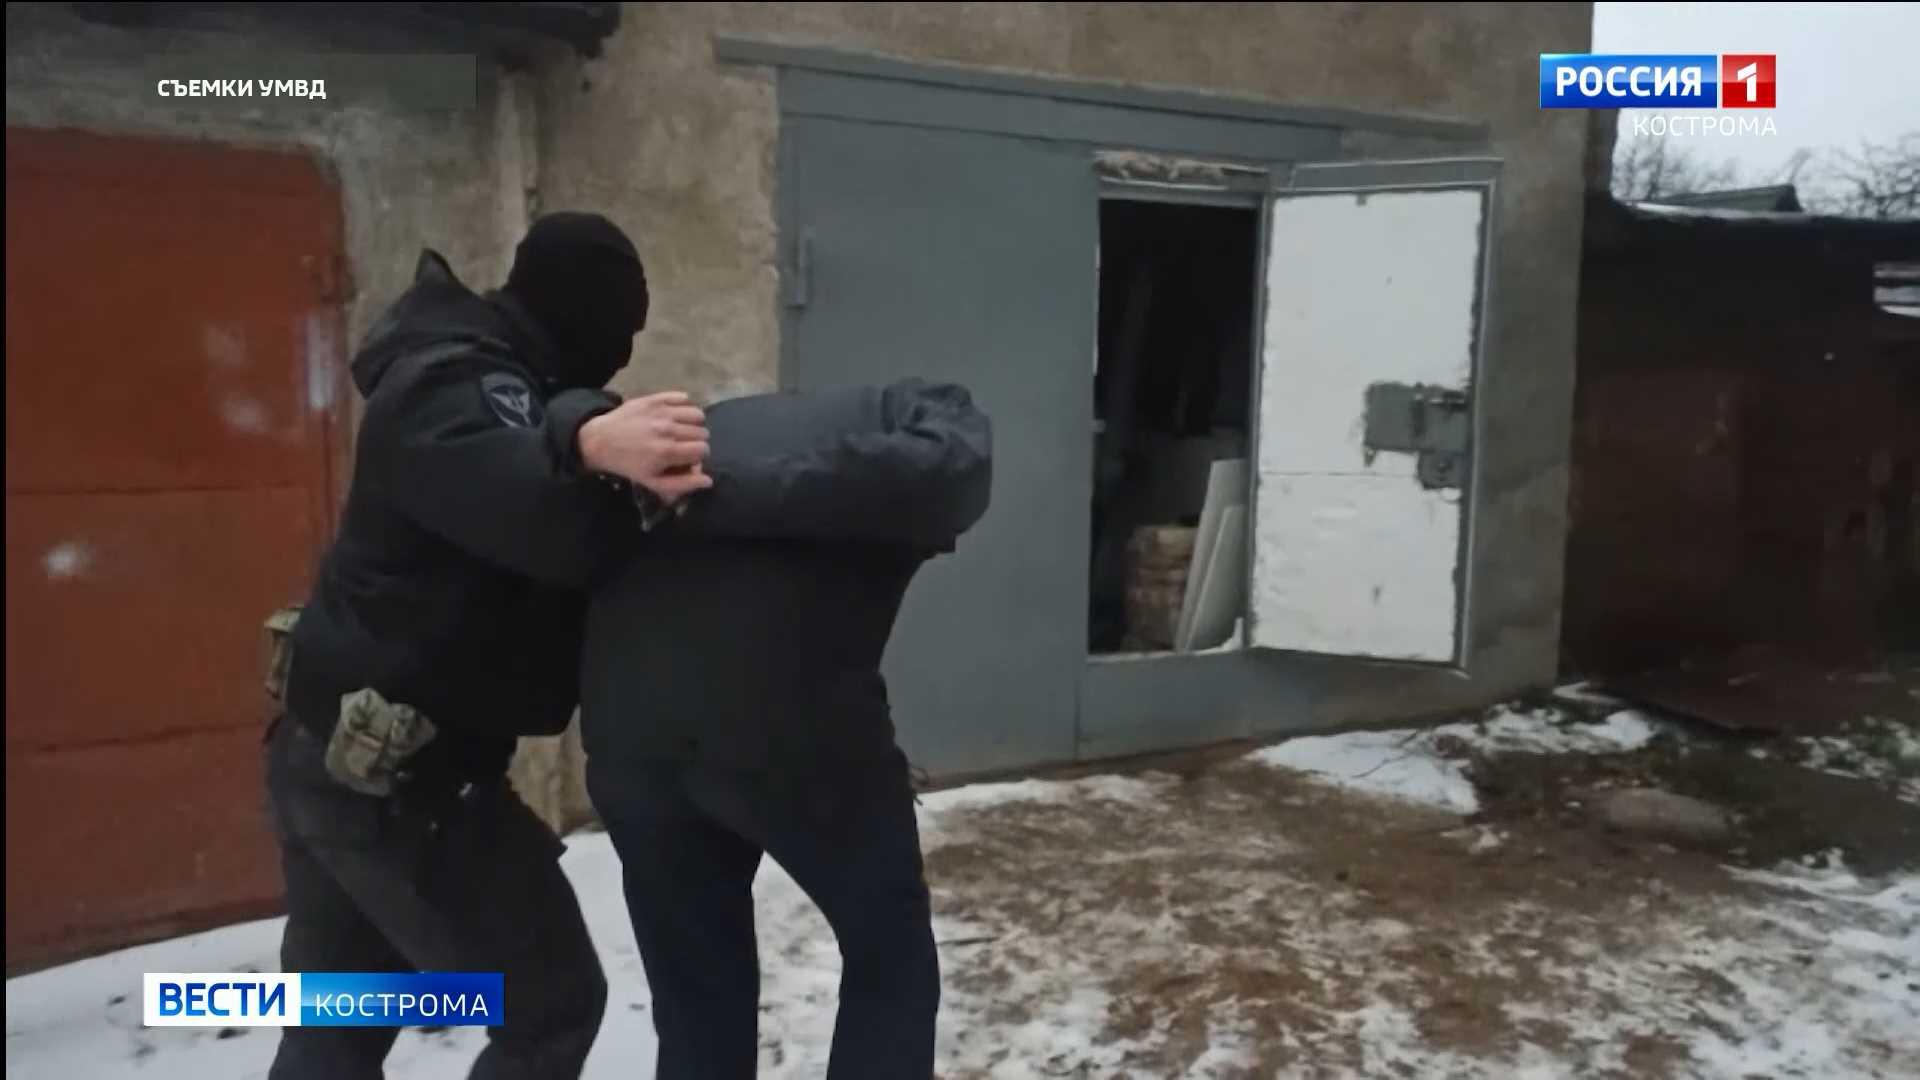 Костромич переоборудовал гараж под склад с наркотиками